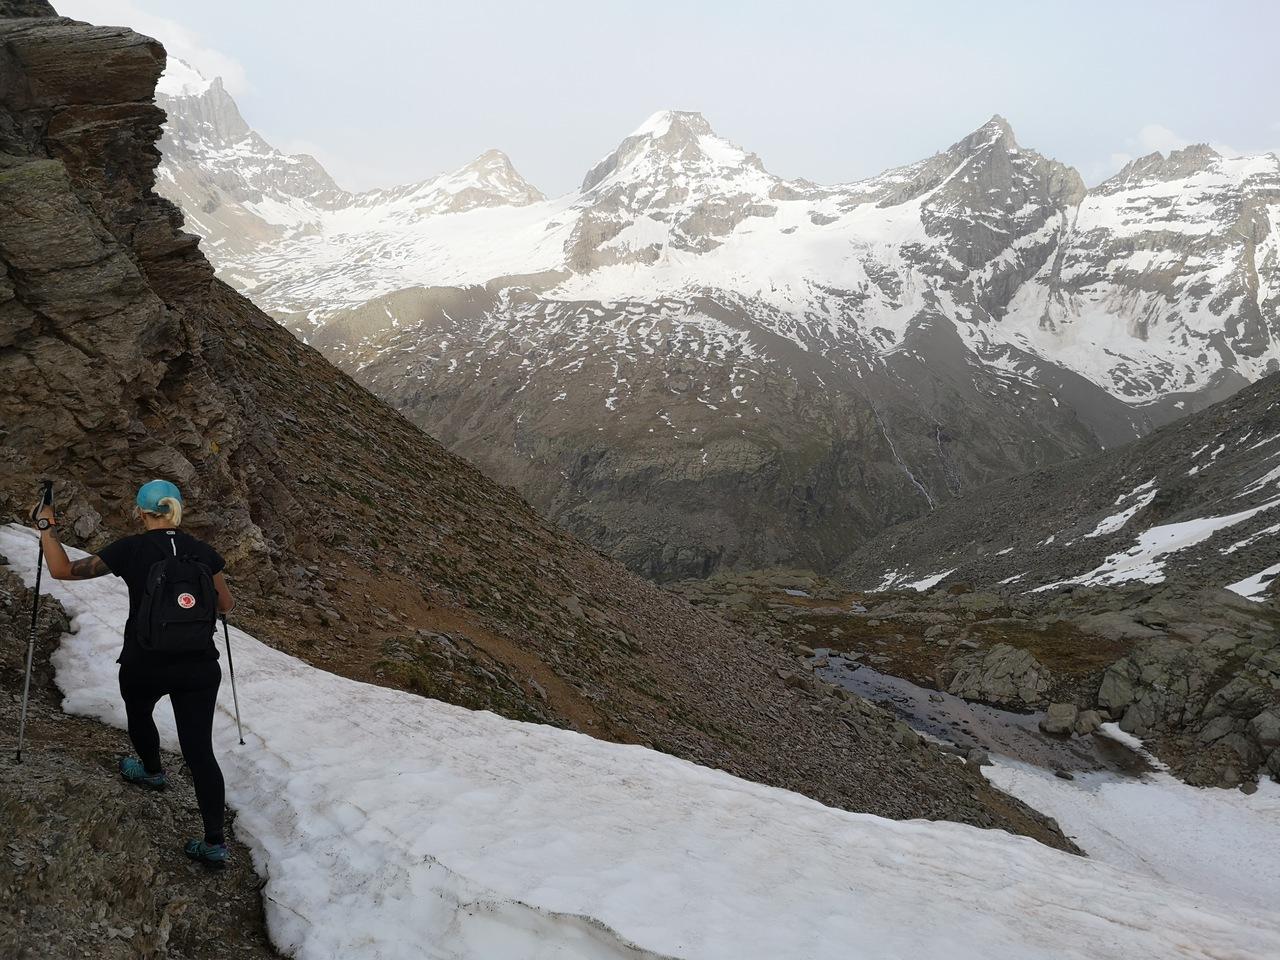 trekking dnia pierwszego, w widokiem na lodowiec Gran Paradiso